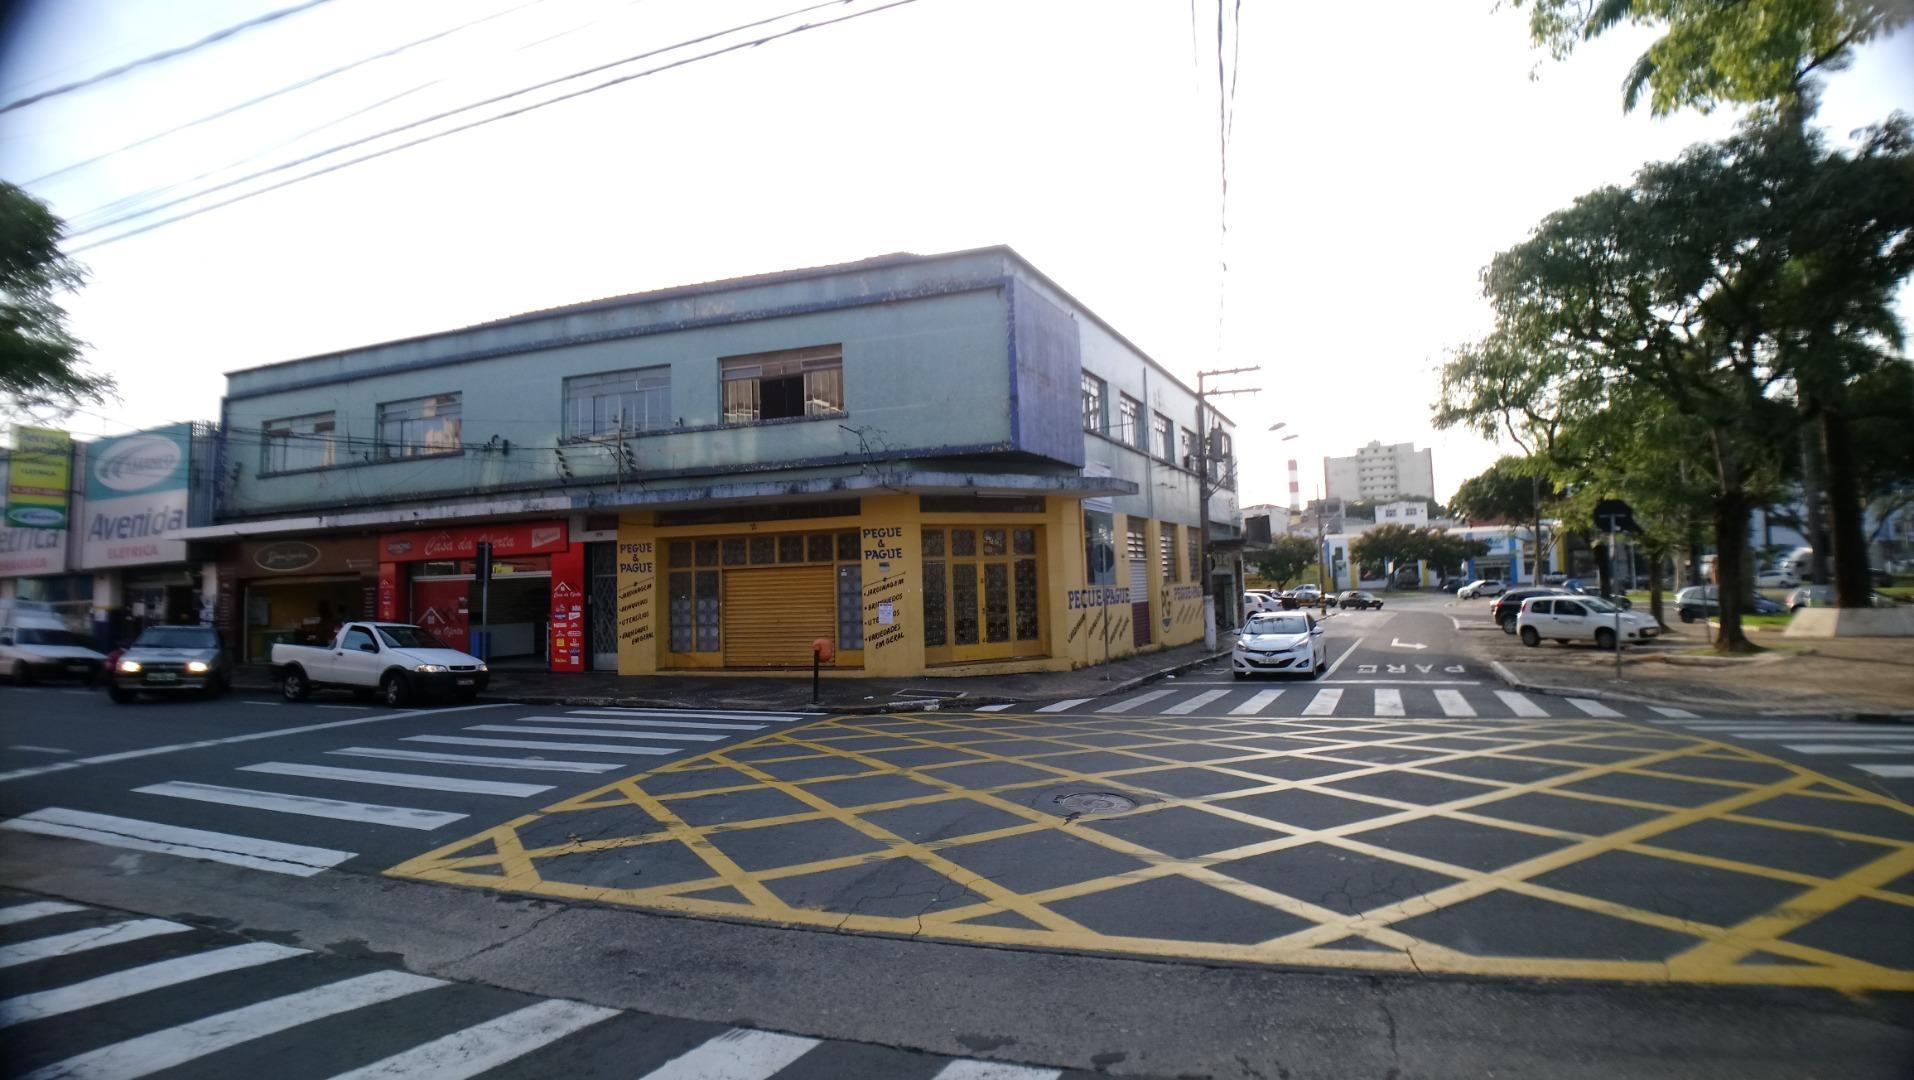 PREDIO COMERCIAL COM 12 SALAS E 4 SALÕES à venda, 767 m² por R$ 3.500.000 - Vila Olivo - Valinhos/SP